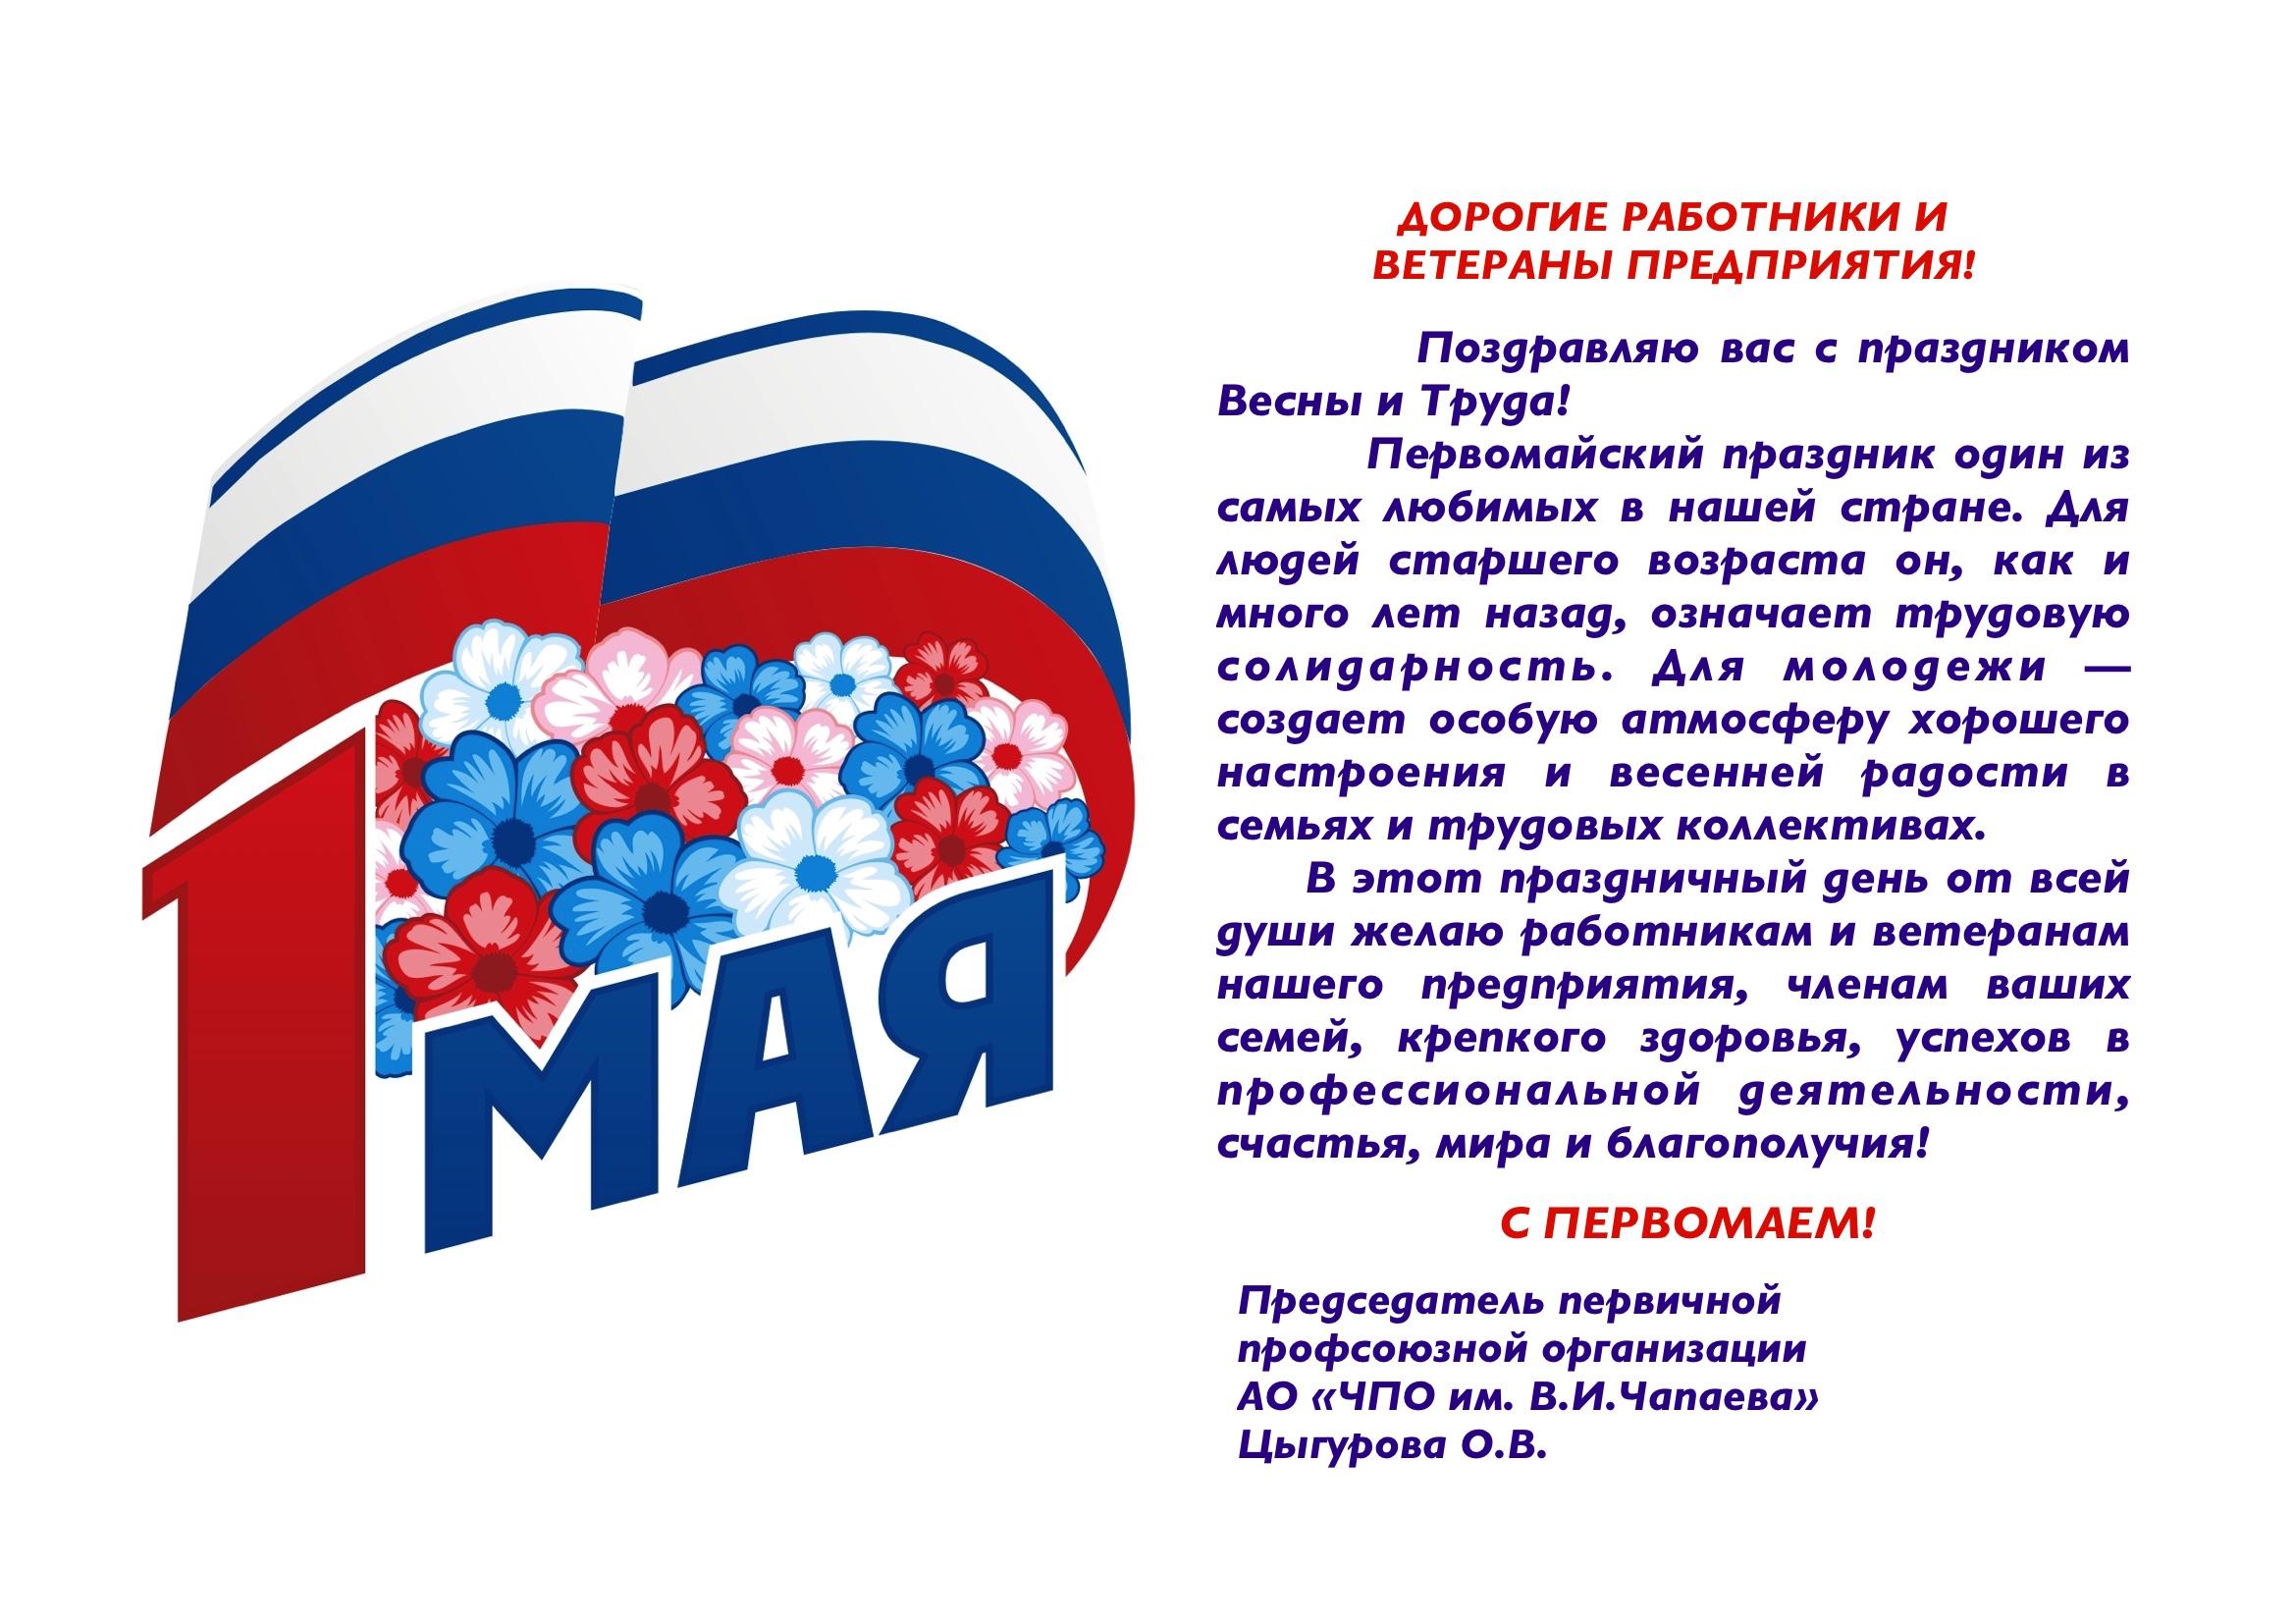 Поздравления профсоюзных организаций